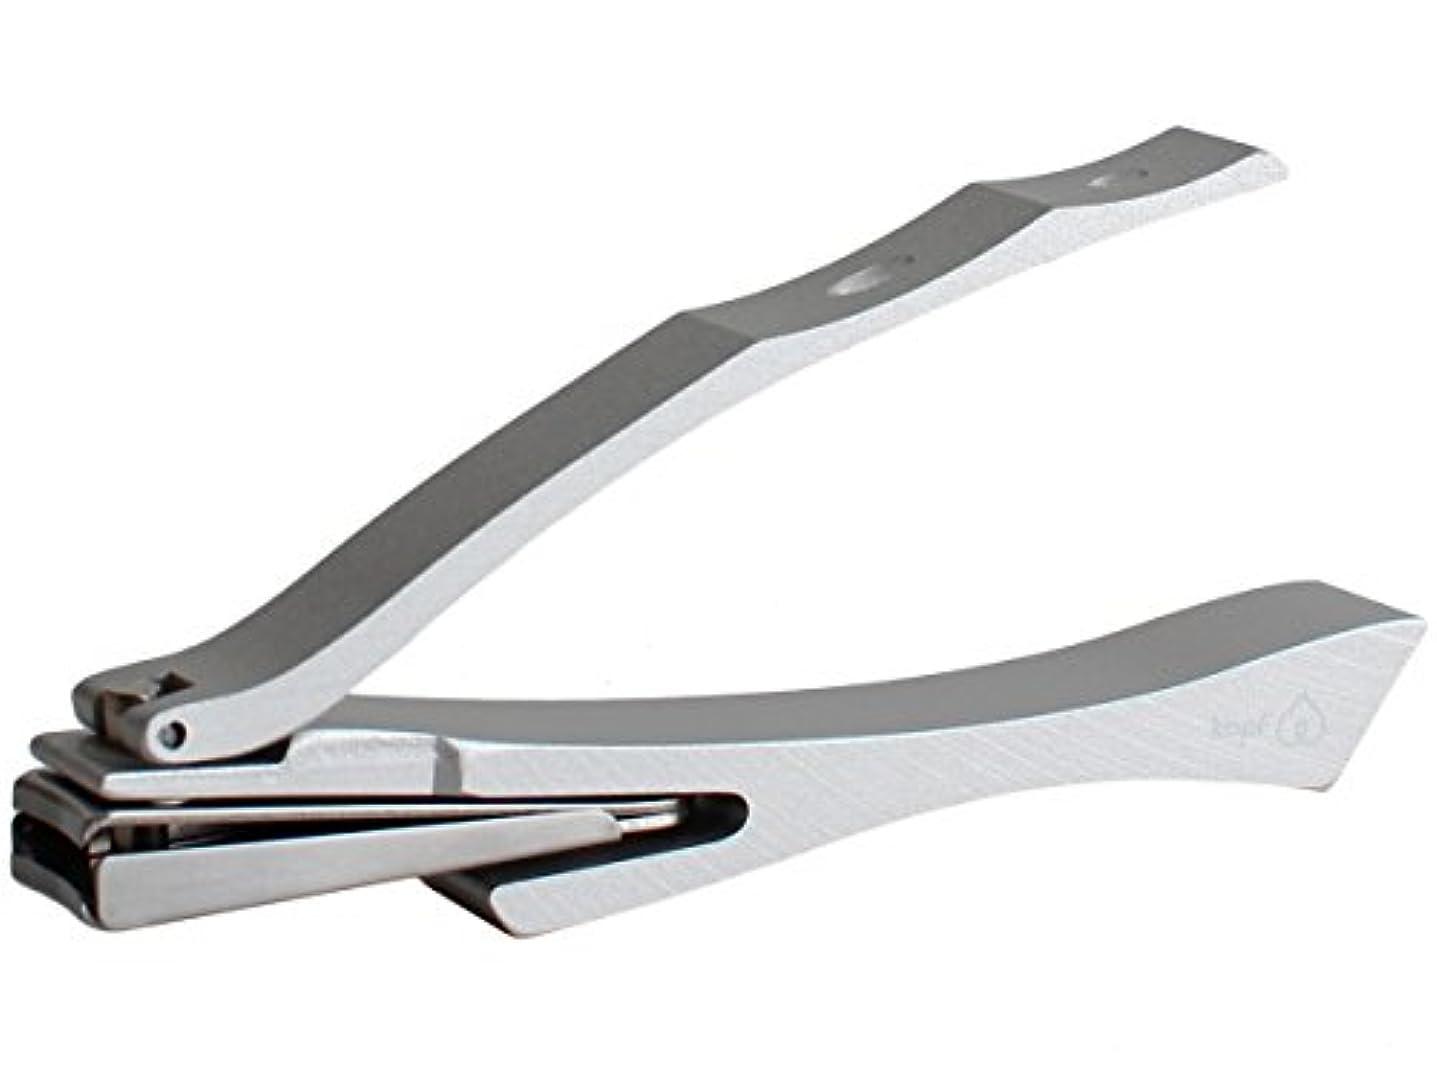 アクティブ公式雷雨ヨシタ手工業デザイン室 ヨシタシュコウギョウデザインシツ|ツメキリ Griff (回転刃タイプ/爪ヤスリ付き)